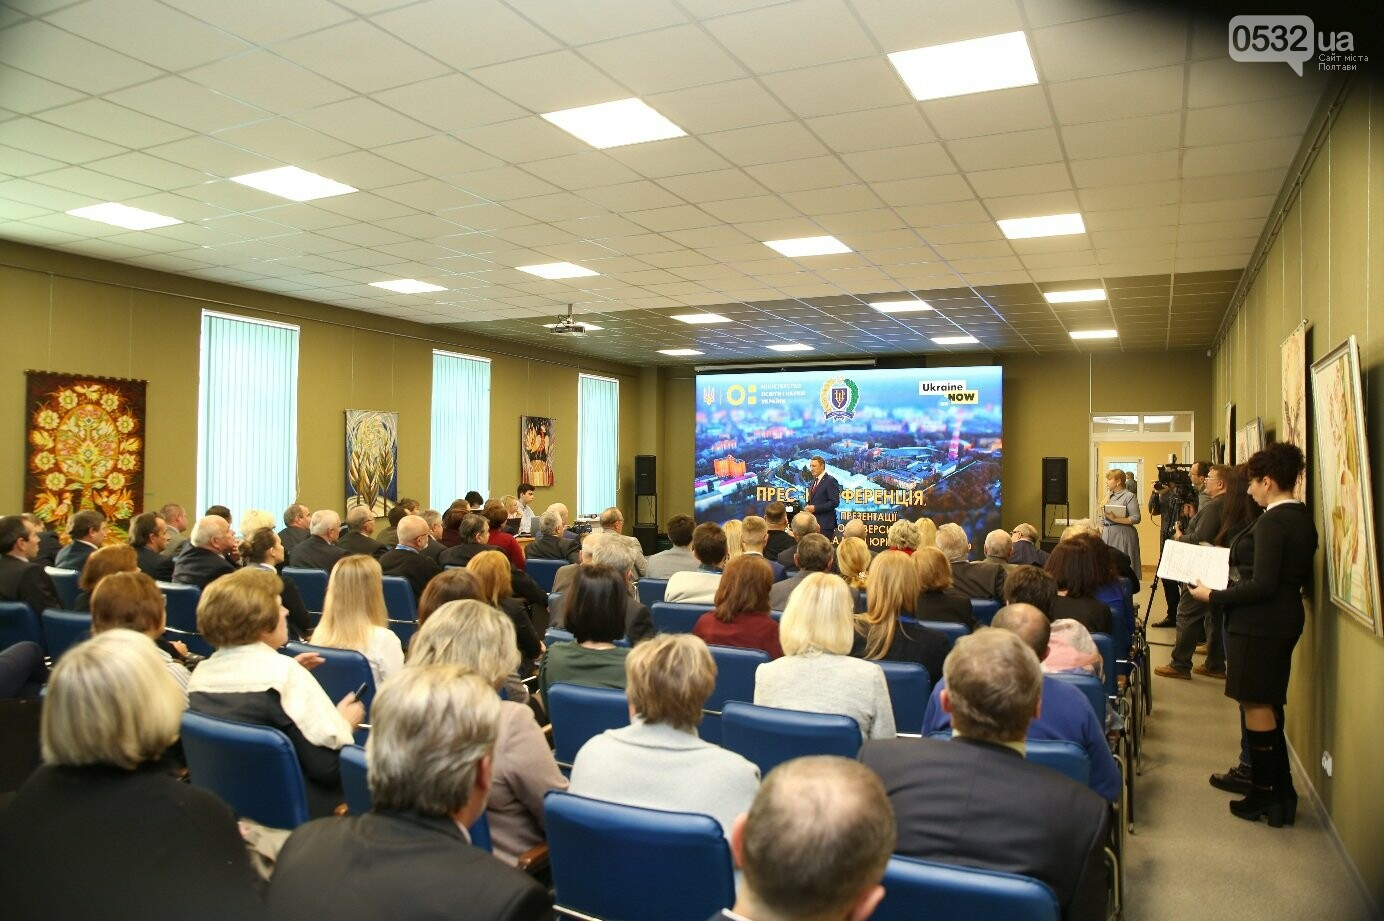 Полтавський національний технічний університет імені Юрія Кондратюка став «Полтавською політехнікою», фото-17